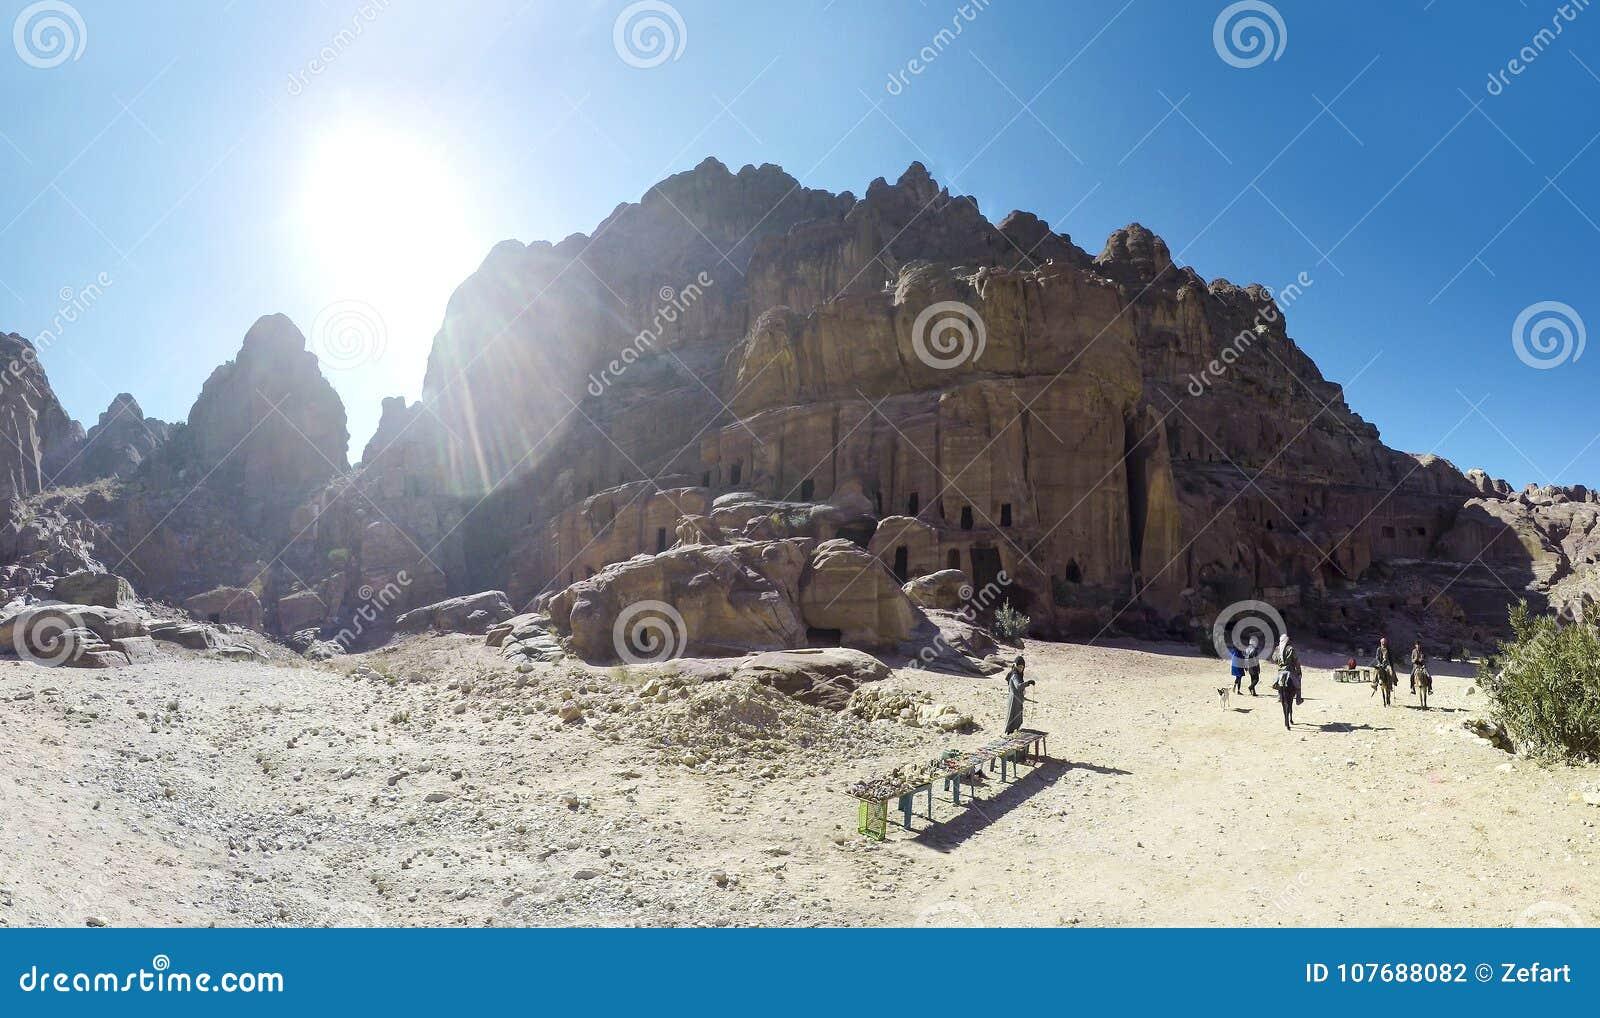 Petra символ достопримечательности Джордан, так же, как Джордан больше всего-посещенной